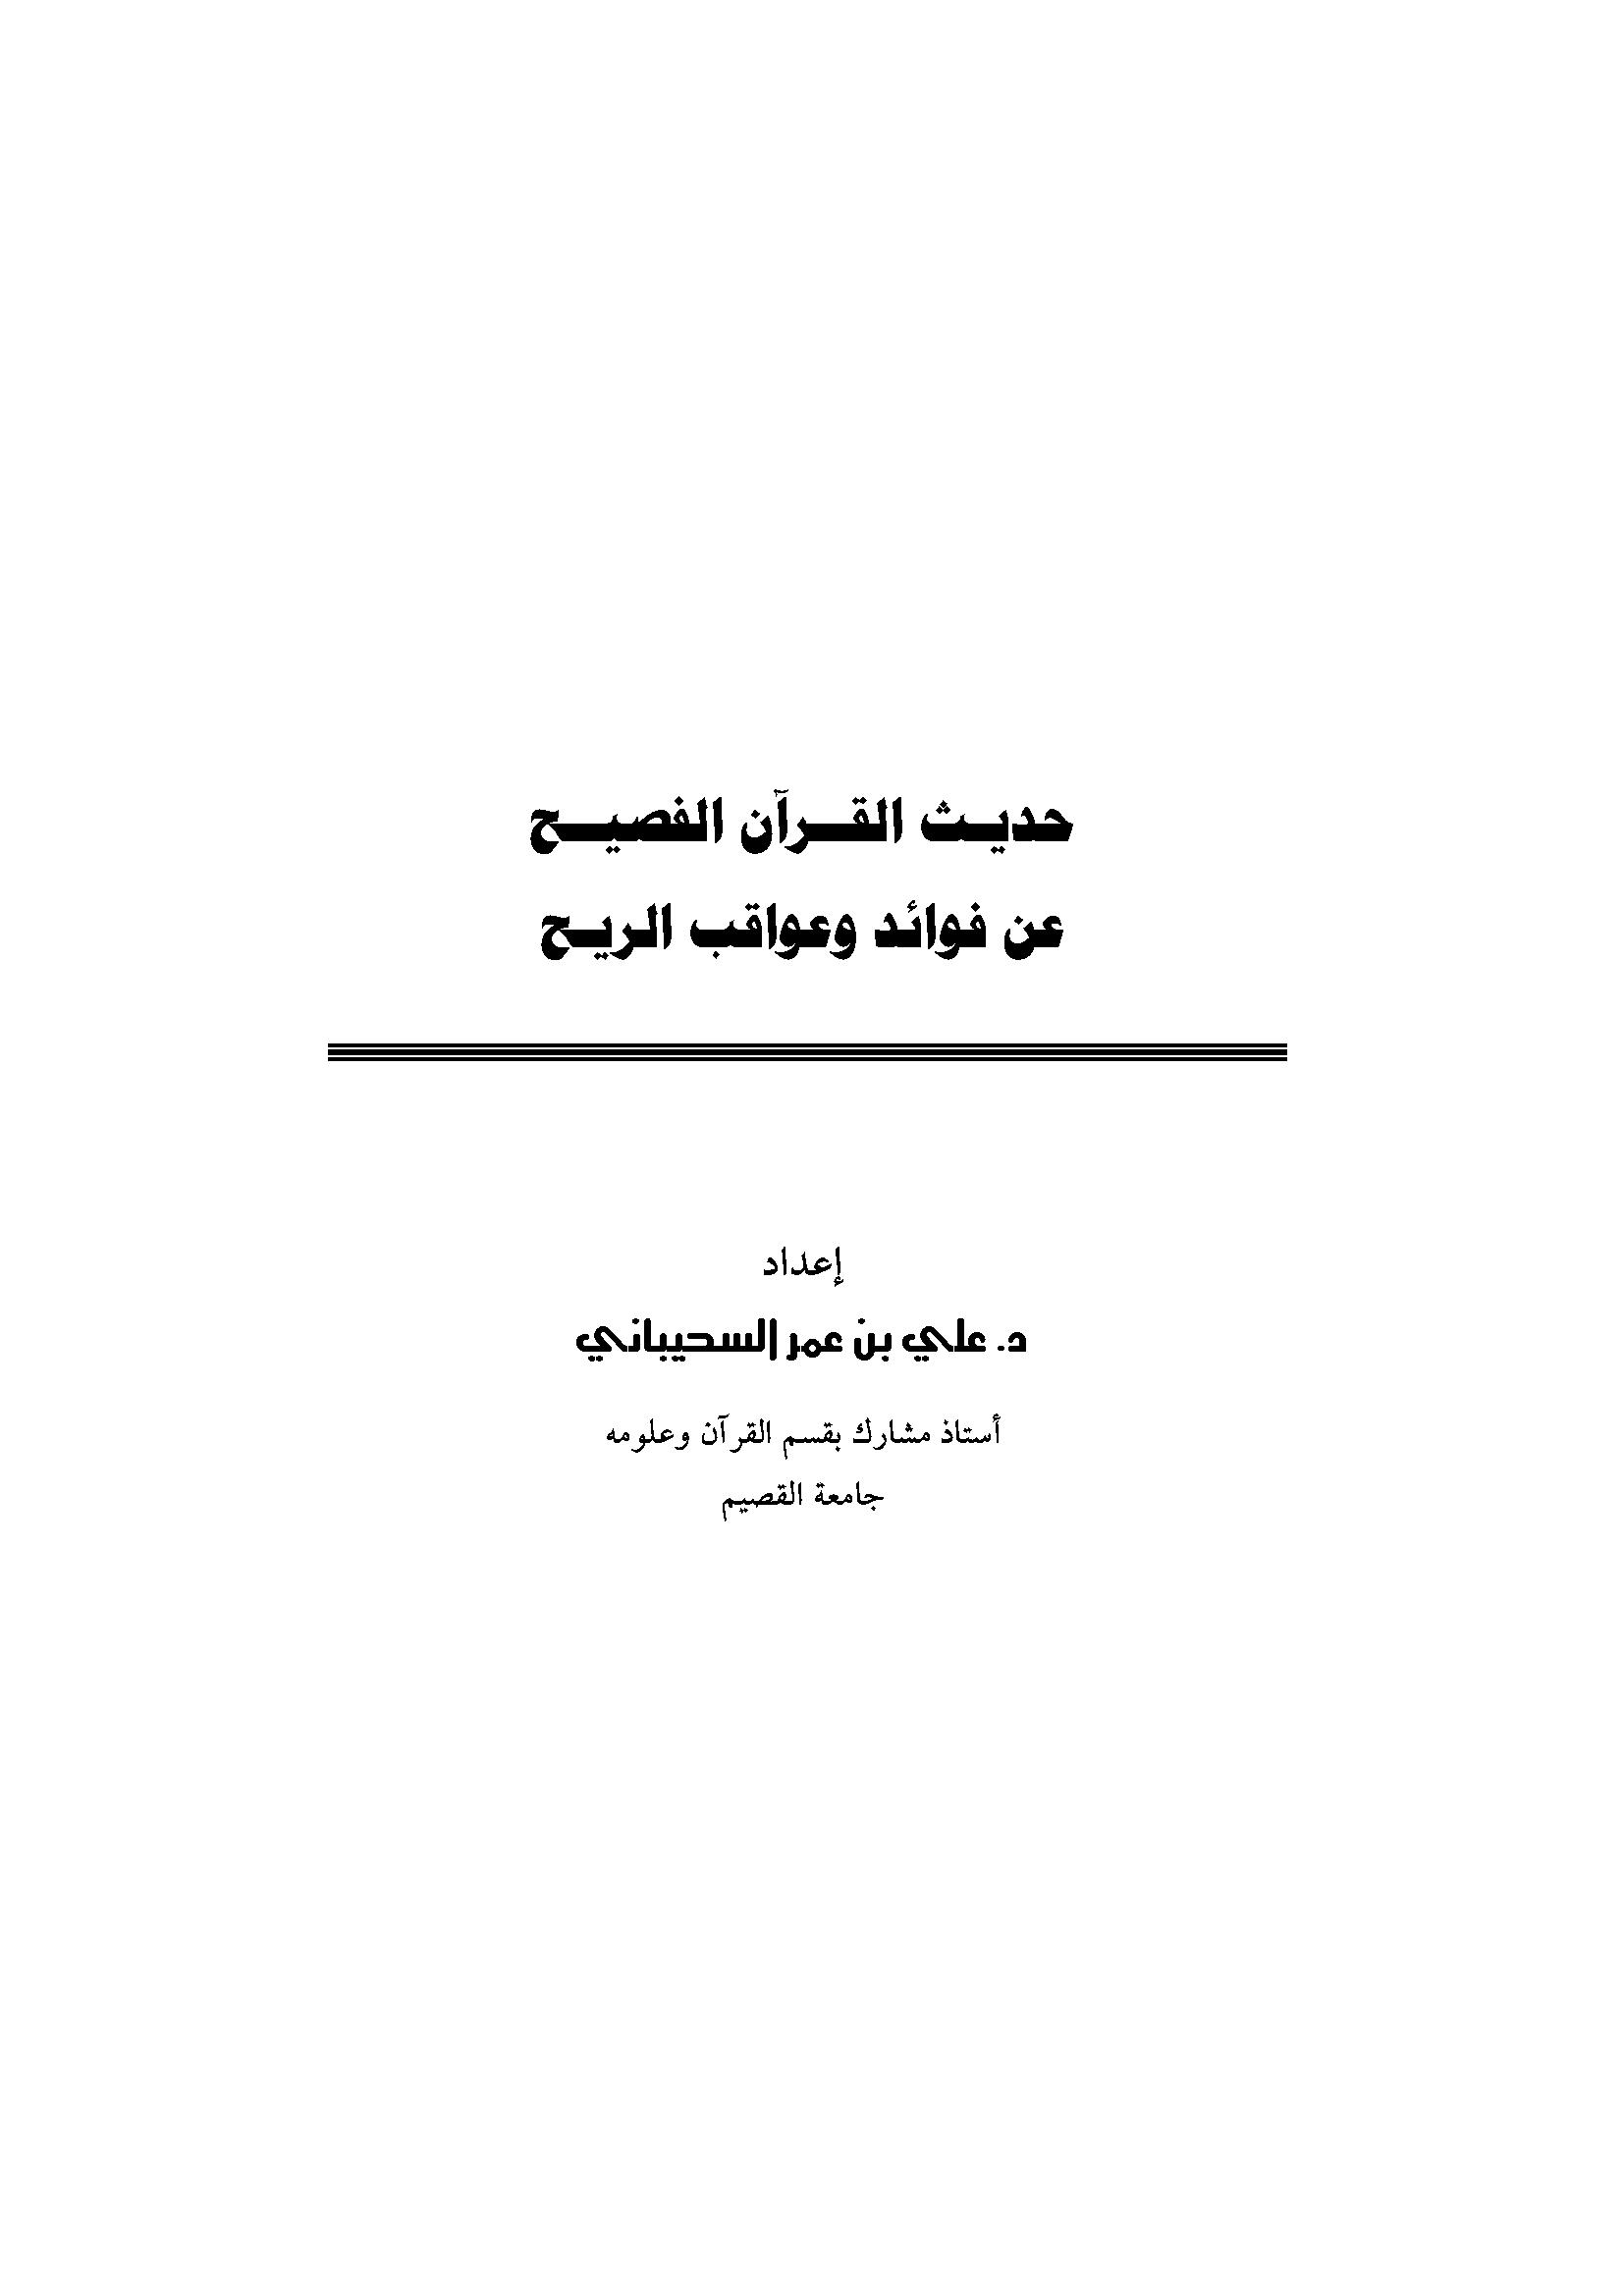 تحميل كتاب حديث القرآن الفصيح عن فوائد الريح لـِ: الدكتور علي بن عمر بن محمد بن علي السحيباني